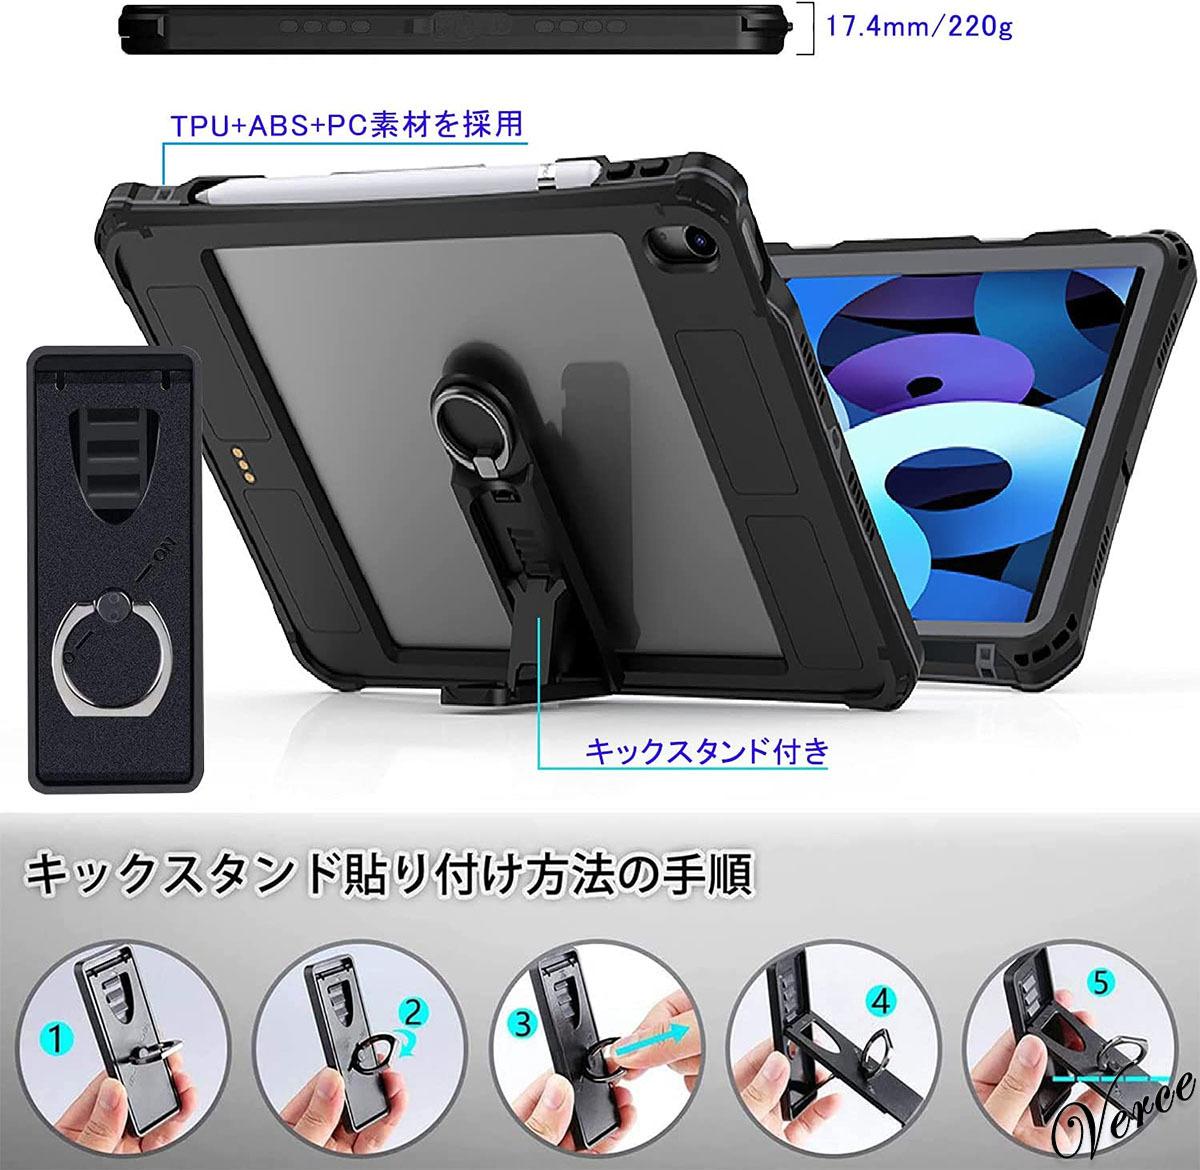 完全防水ケース お風呂での使用可能 iPad Air4 10.9インチ IP68防水規格 耐衝撃 薄型 軽量 全面保護 カバー スタンド機能あり_画像6